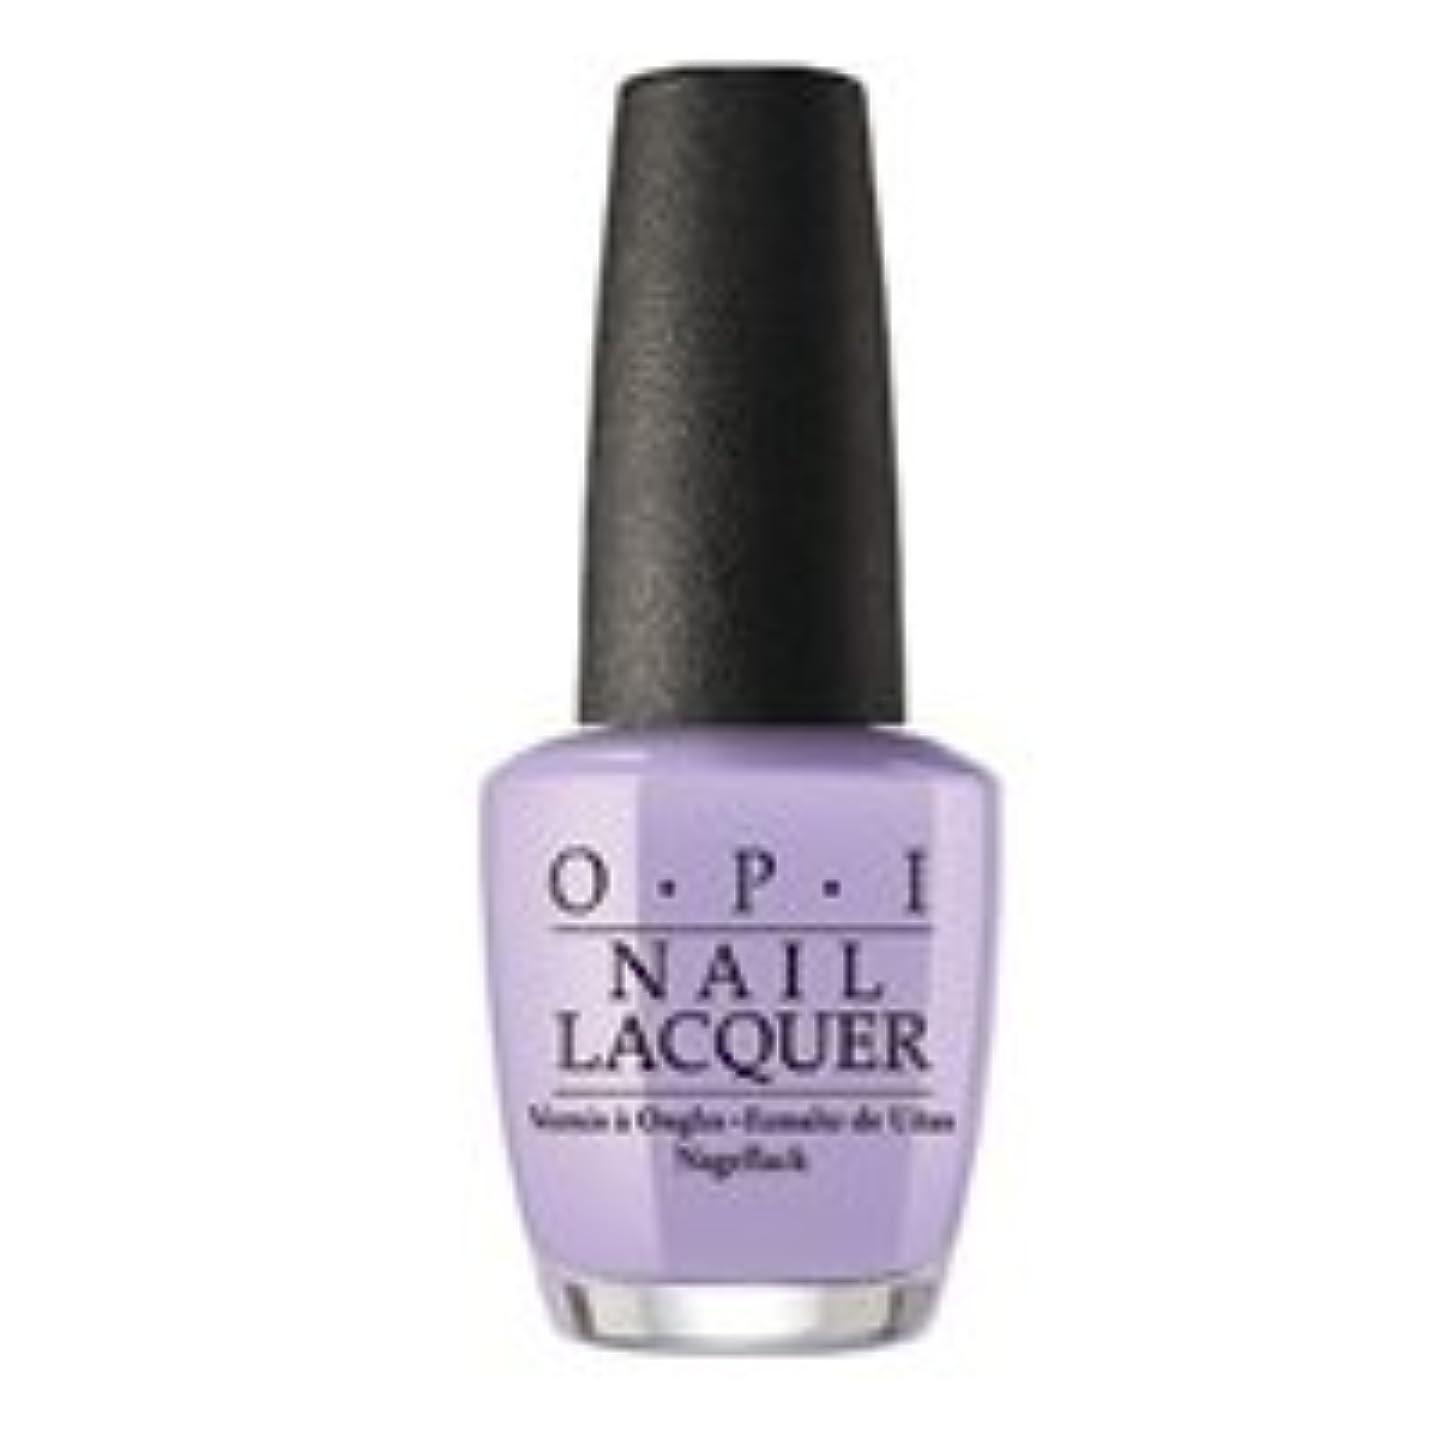 変成器無効符号O.P.I NL F83 Polly Want a Lacquer?(ポリーワットアラッカー?) #NL F83 Polly Want a Lacquer?